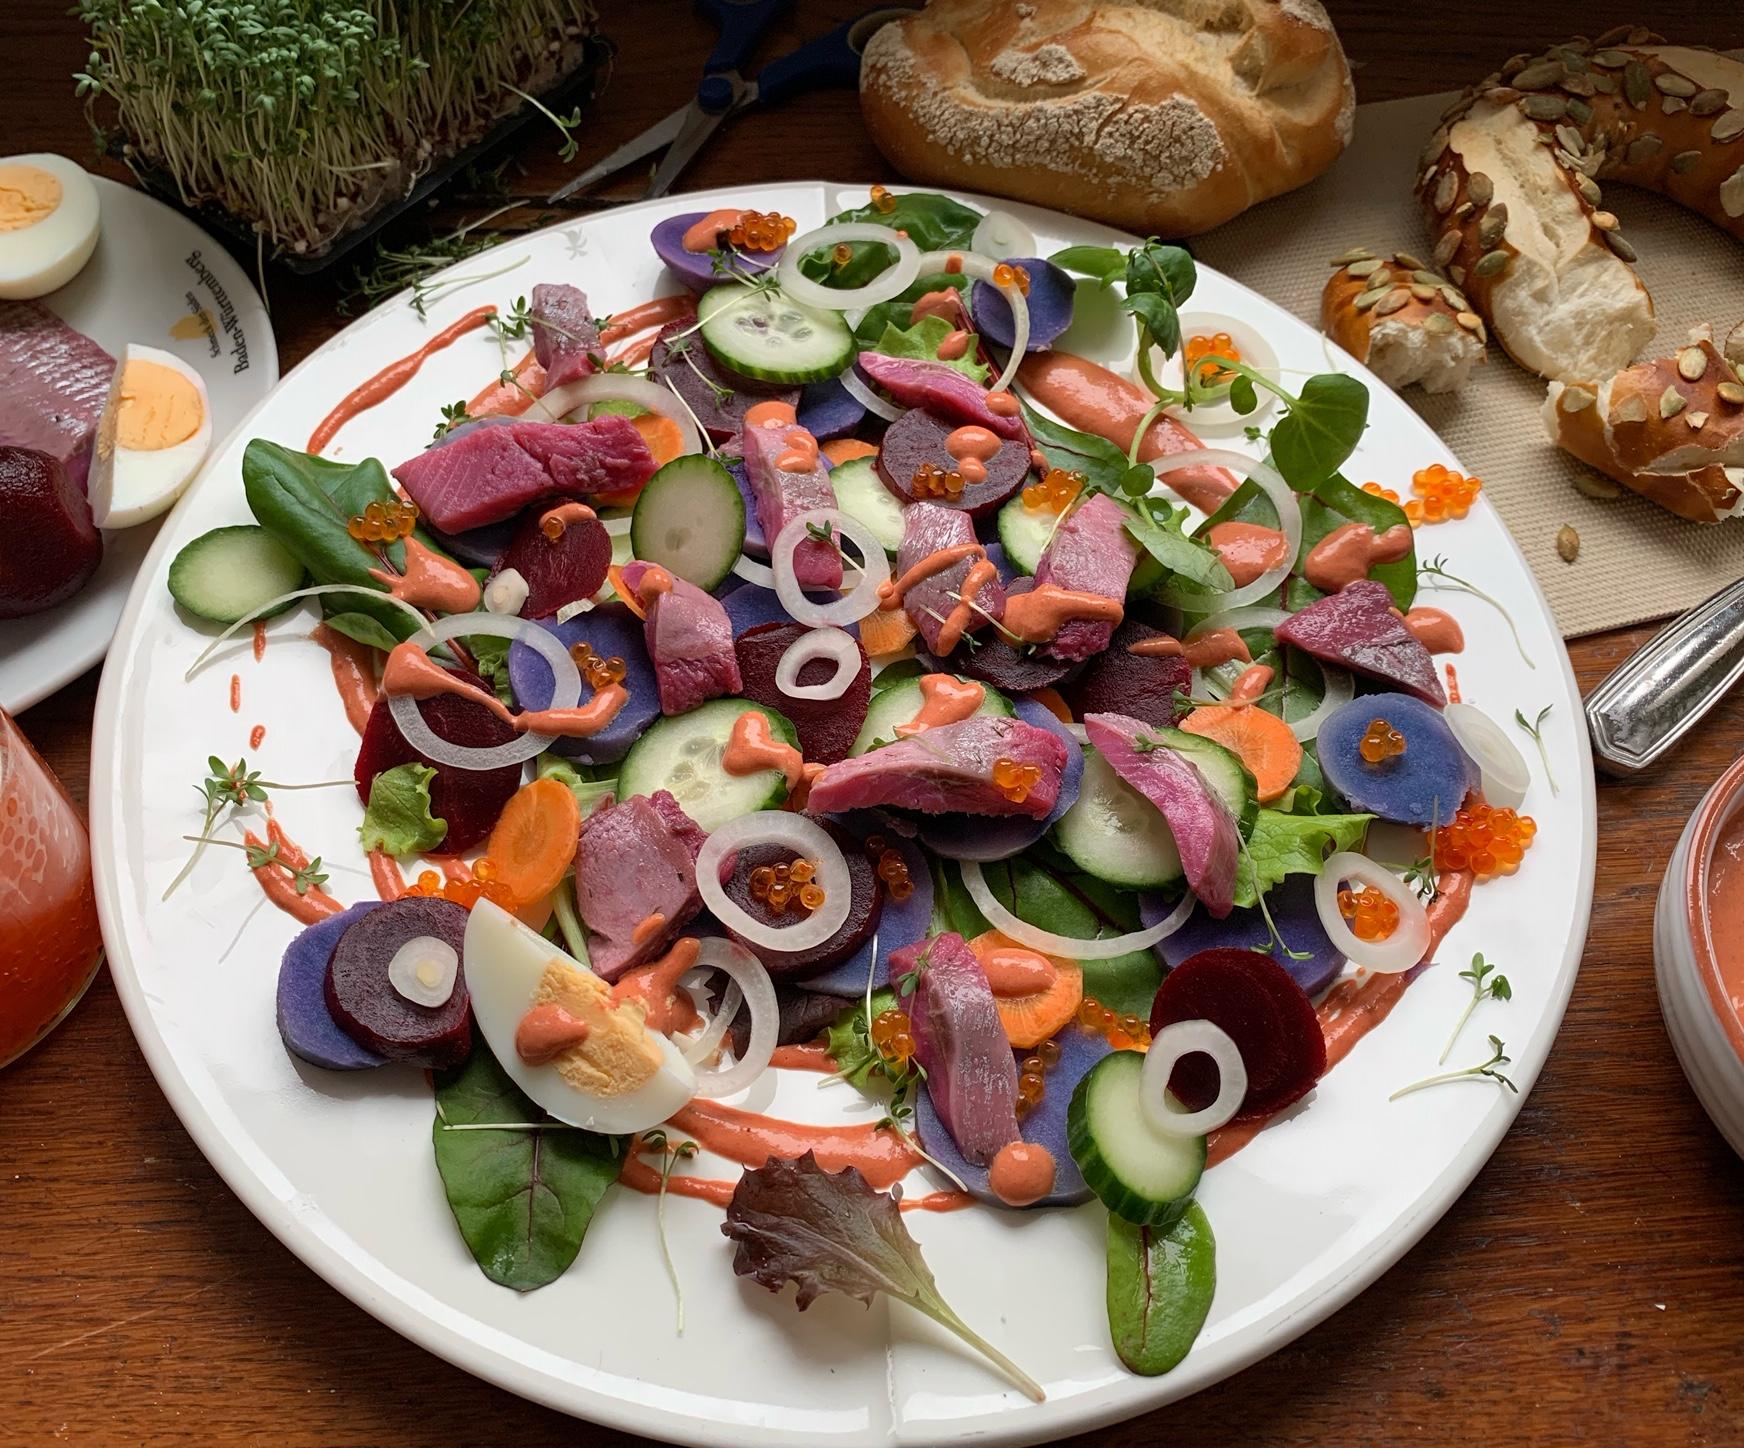 Kartoffel-Heringssalat mit roter Beete-Senf-Orangendip